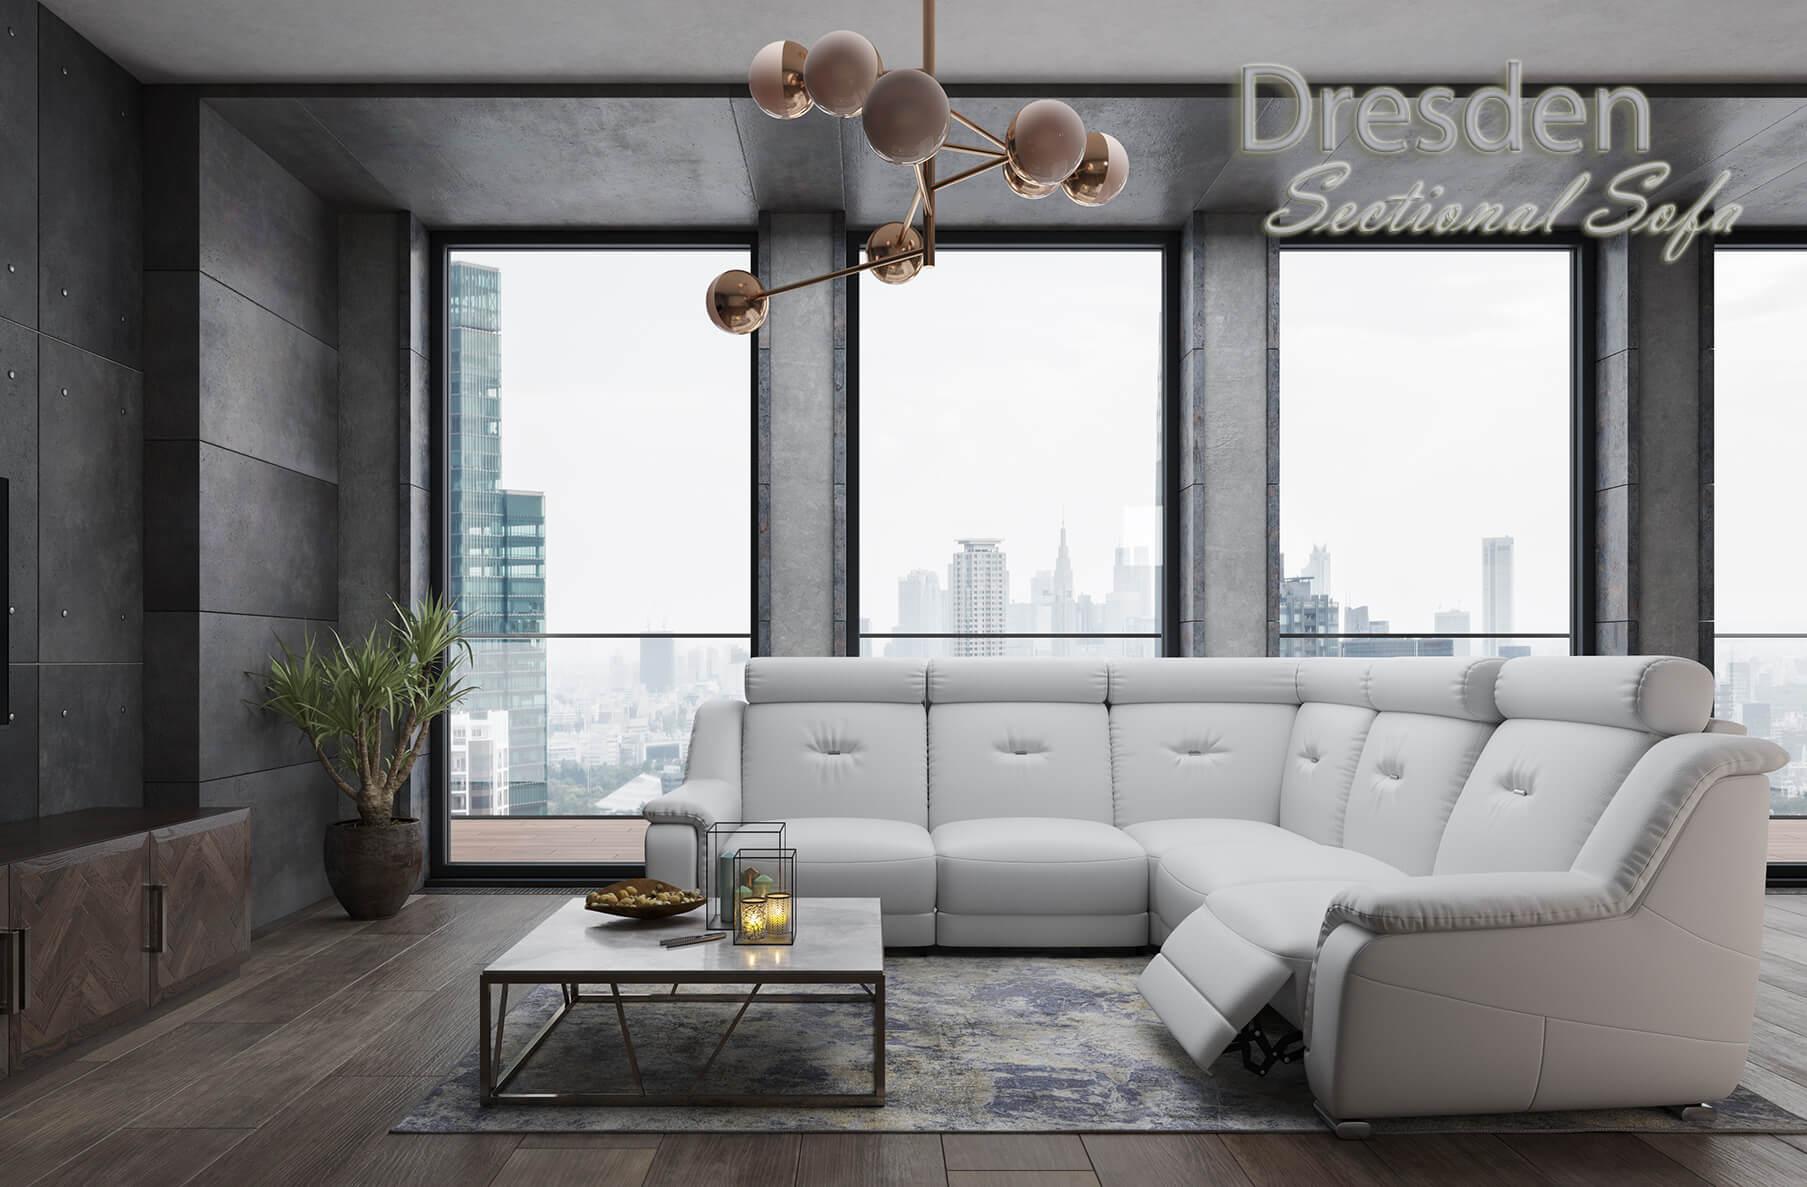 Dresden Sectional Sofa, Cheap